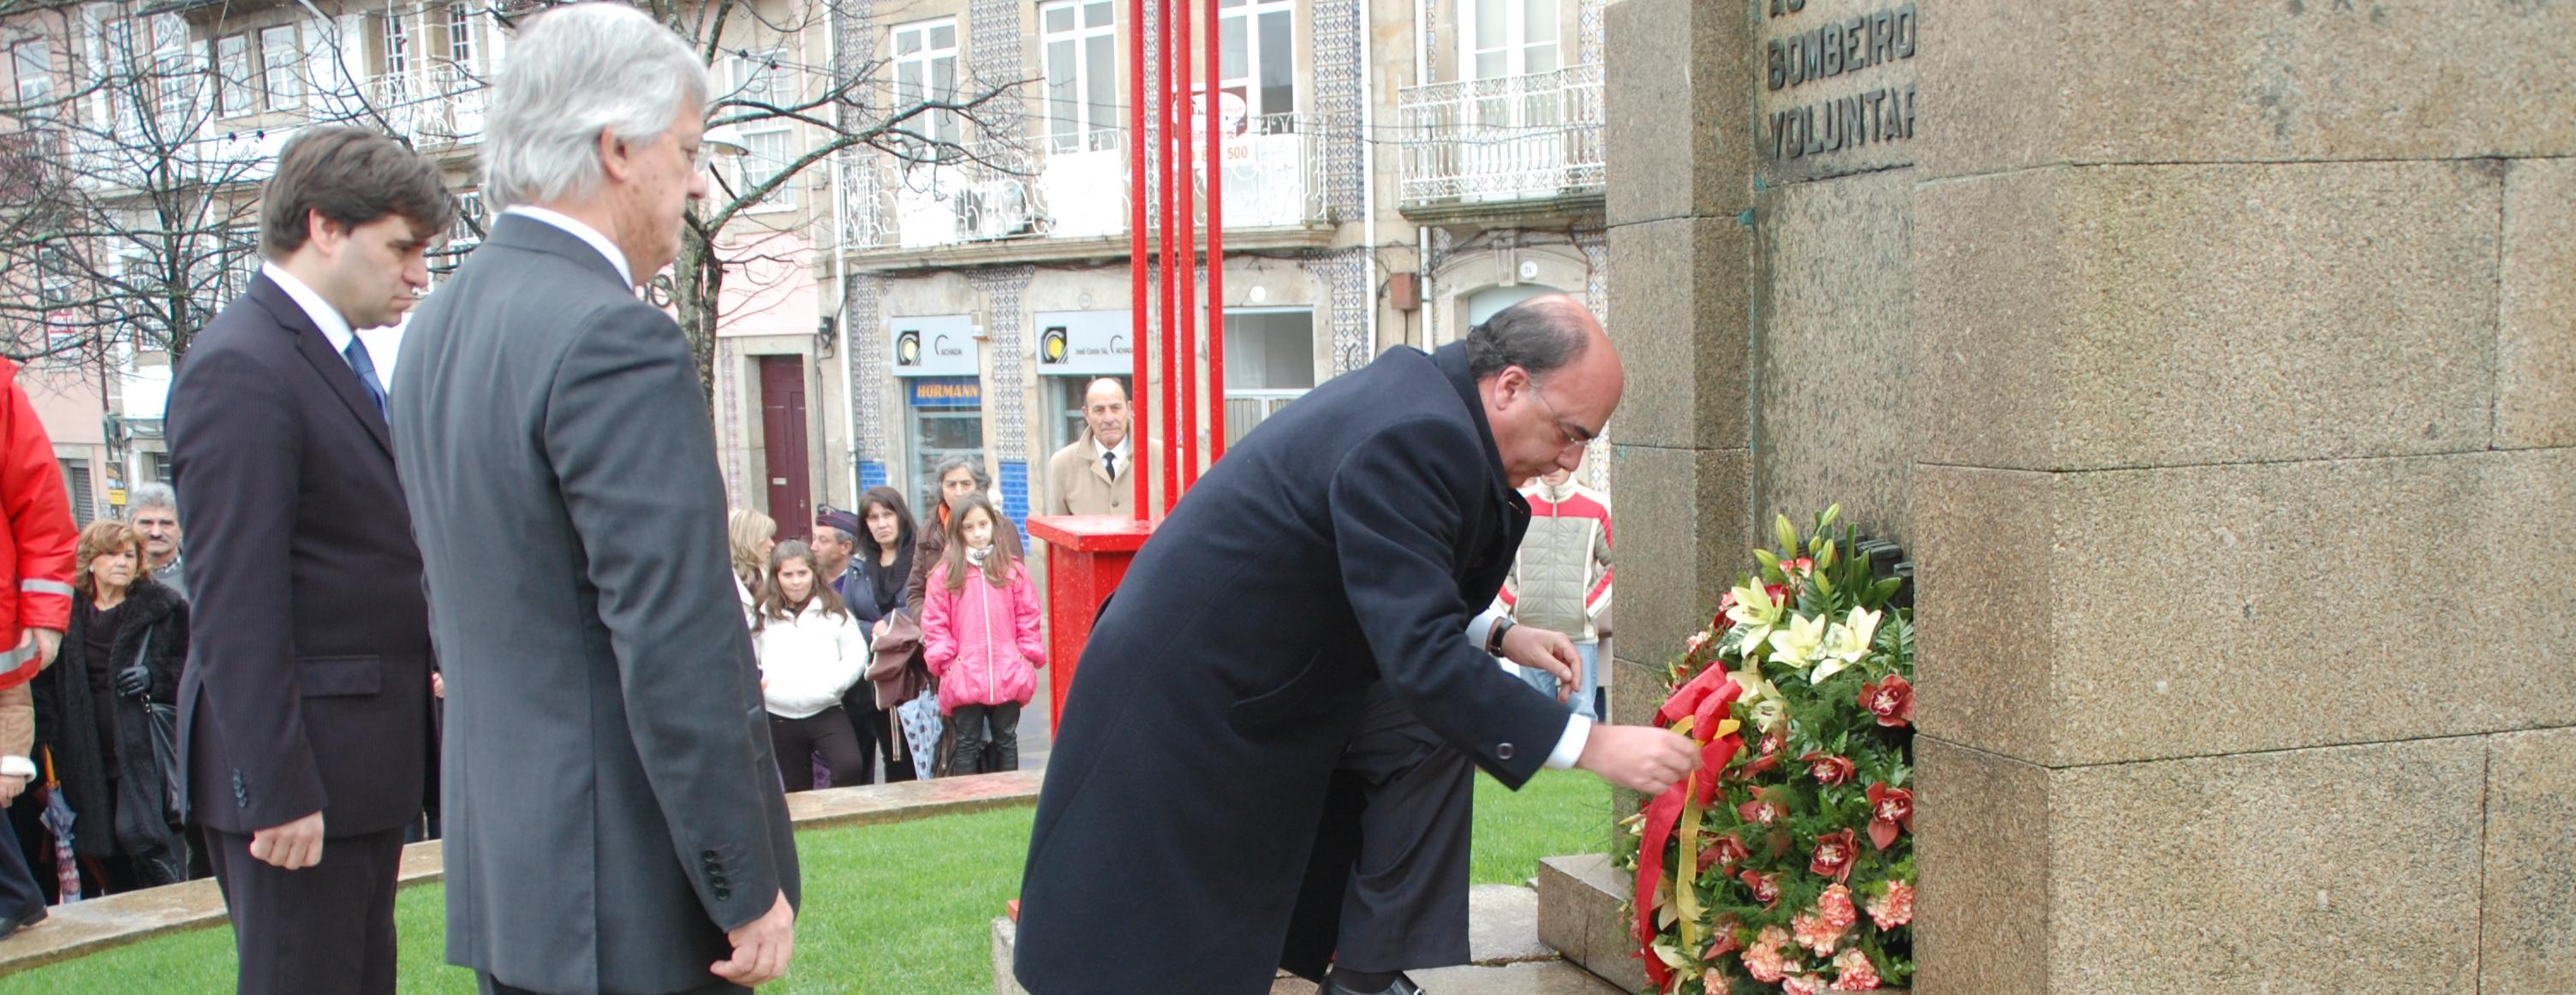 Presidente da Câmara recebe Bombeiros de Barcelos na passagem do 131.º aniversário da Associação